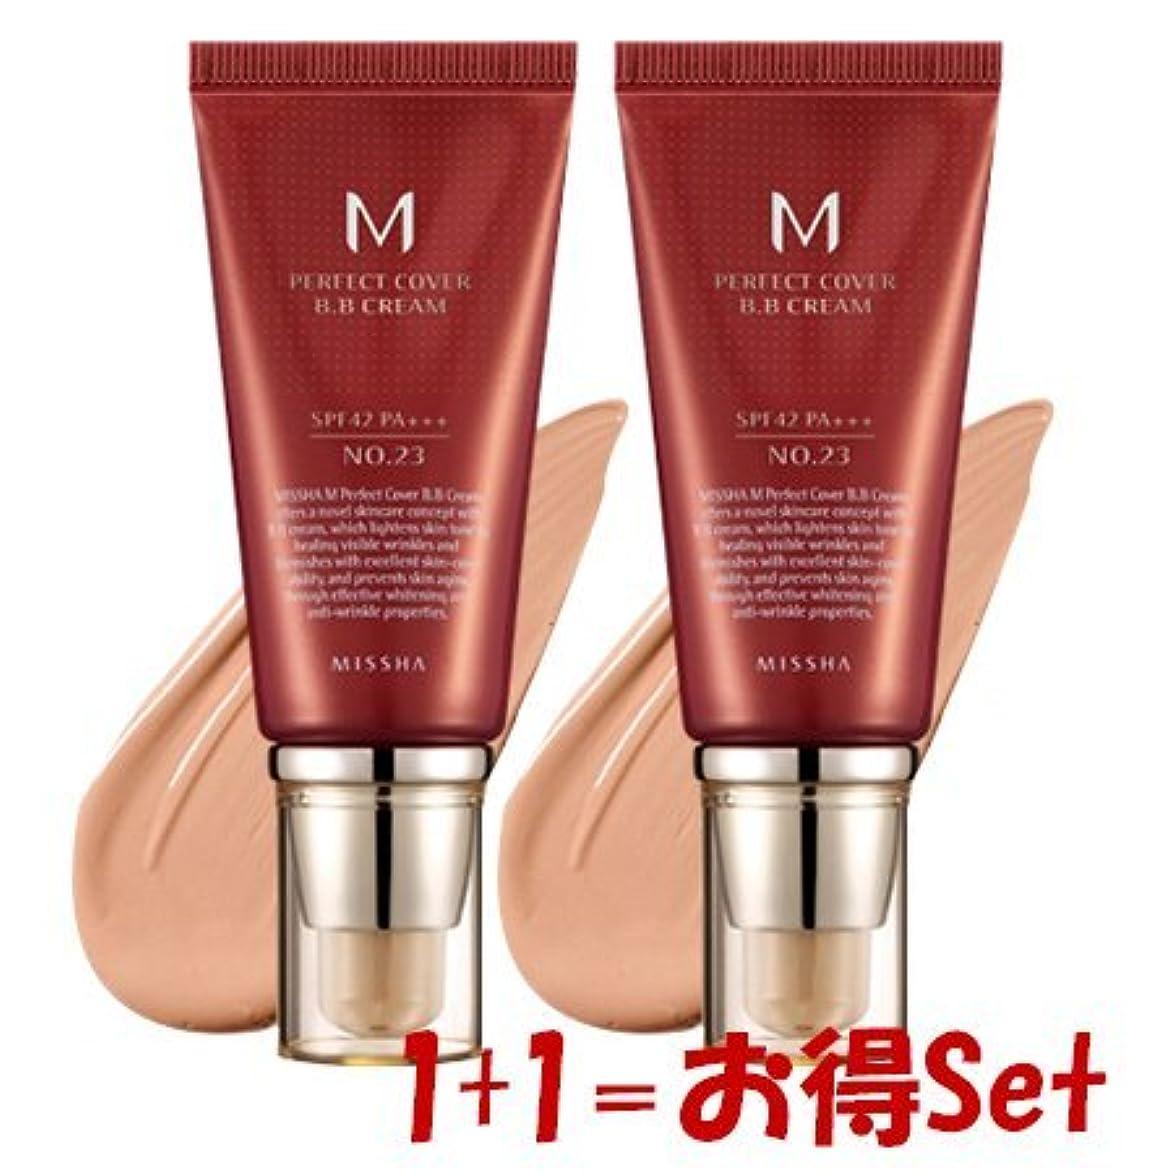 蒸気キュービック交流するMISSHA(ミシャ) M Perfect Cover パーフェクトカバーBBクリーム 23号+23号(1+1=お得Set)